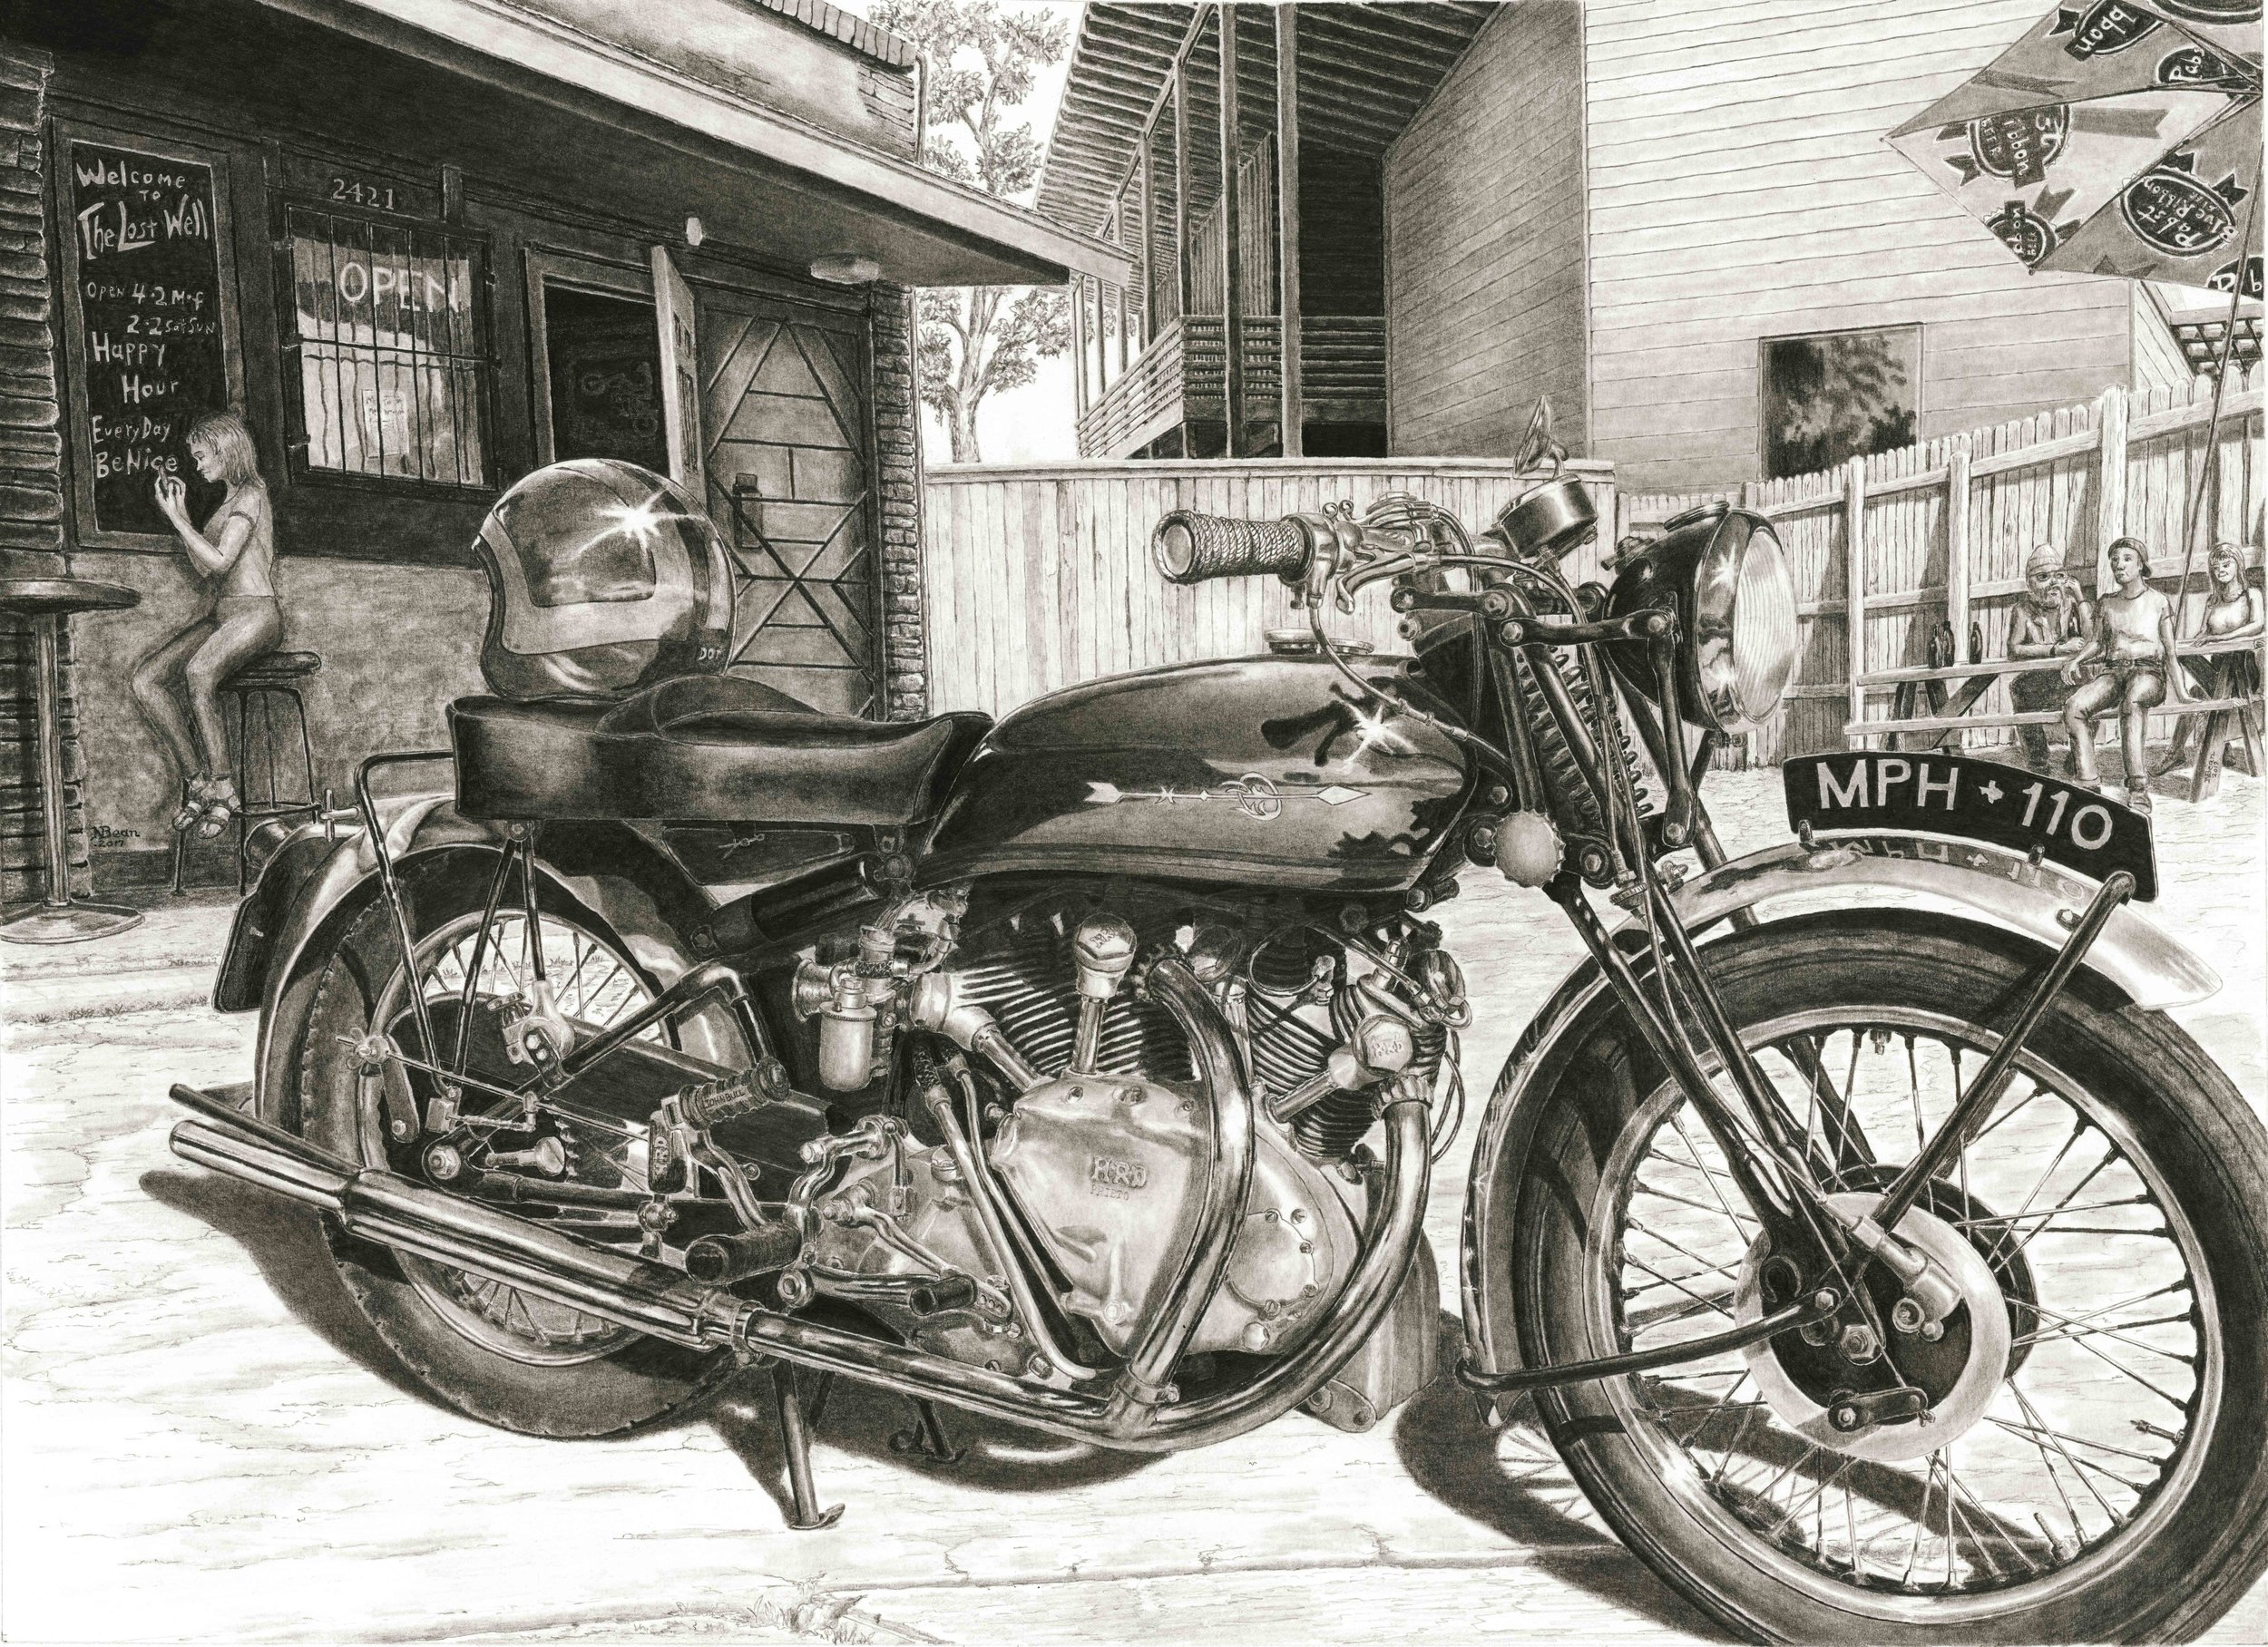 1949 Vincent